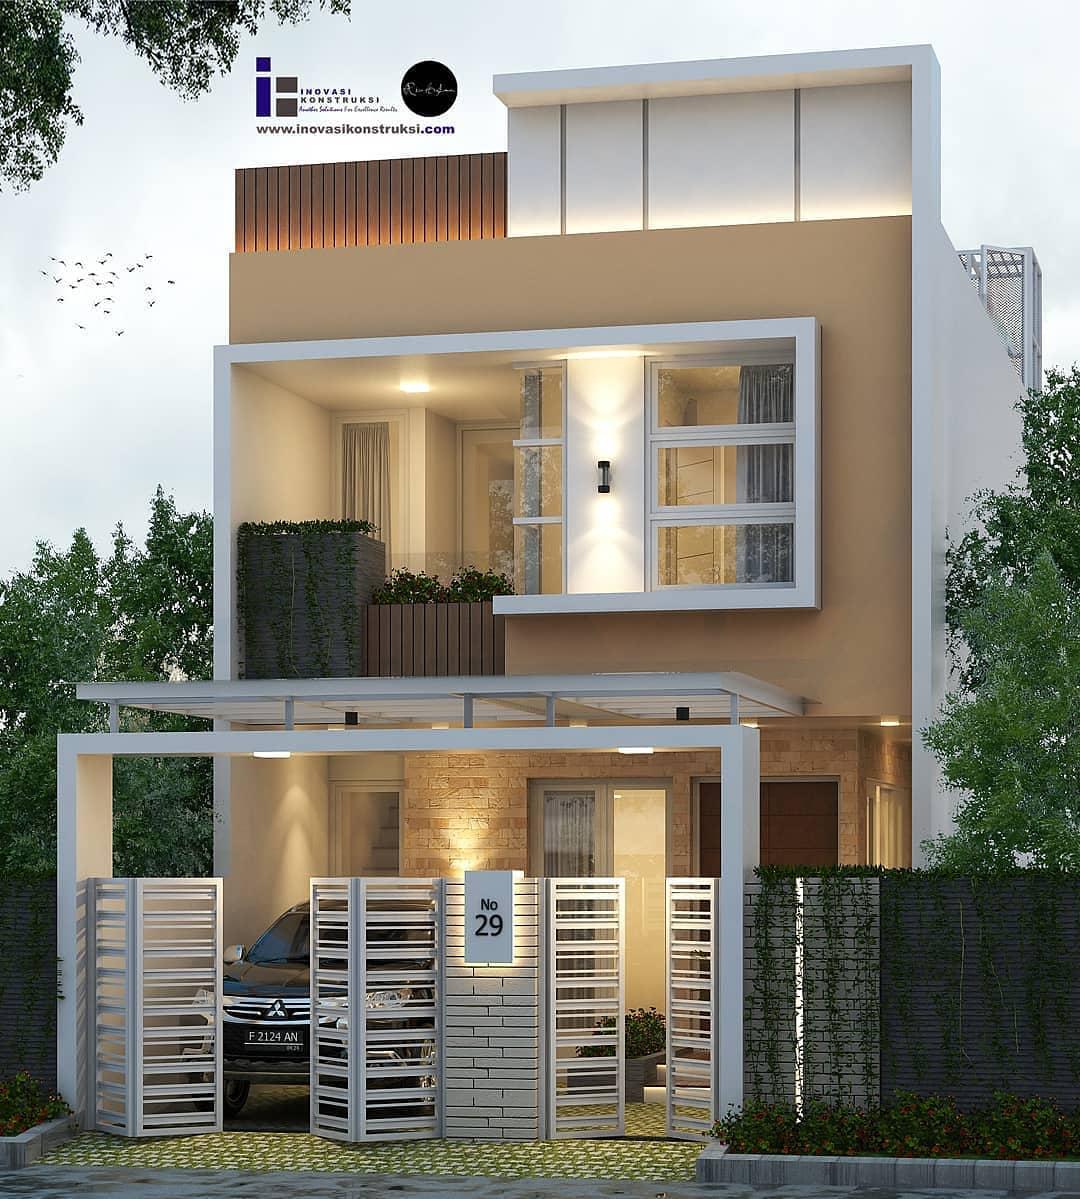 Gambar Model Rumah Minimalis 2 Lantai Terbaru